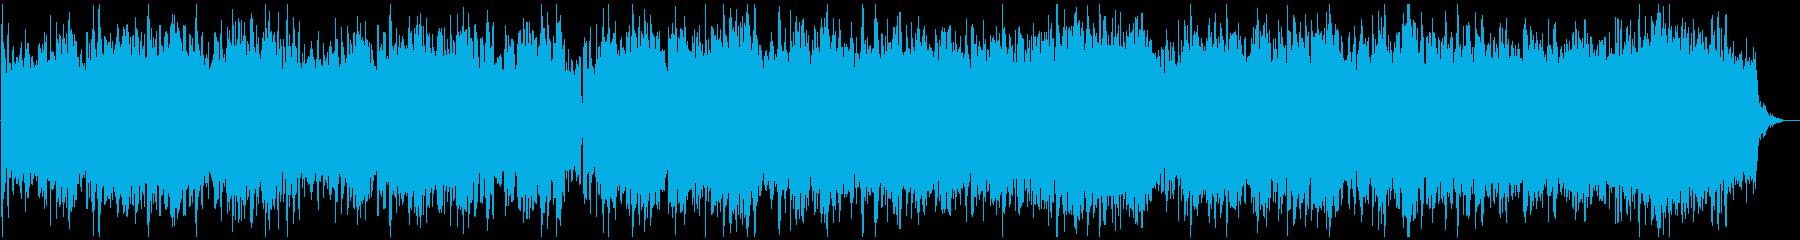 バッハ G線上のアリア オルガン 荘厳の再生済みの波形